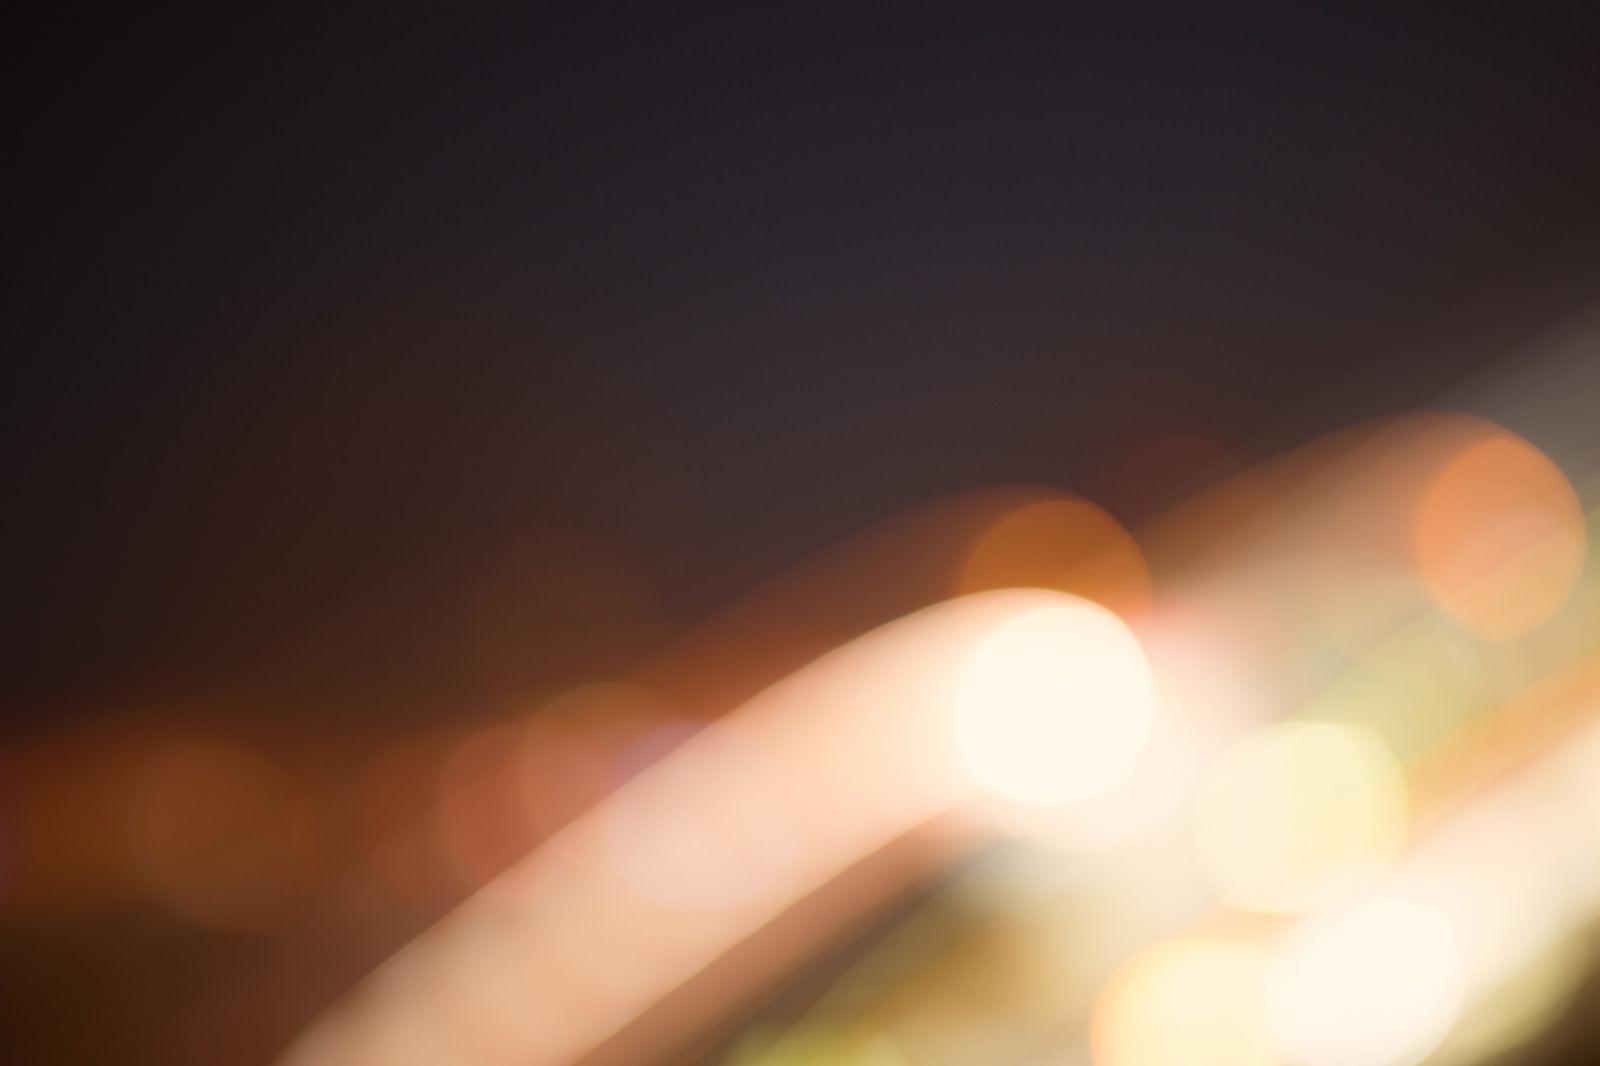 「光が横切る(ピンボケ)」の写真